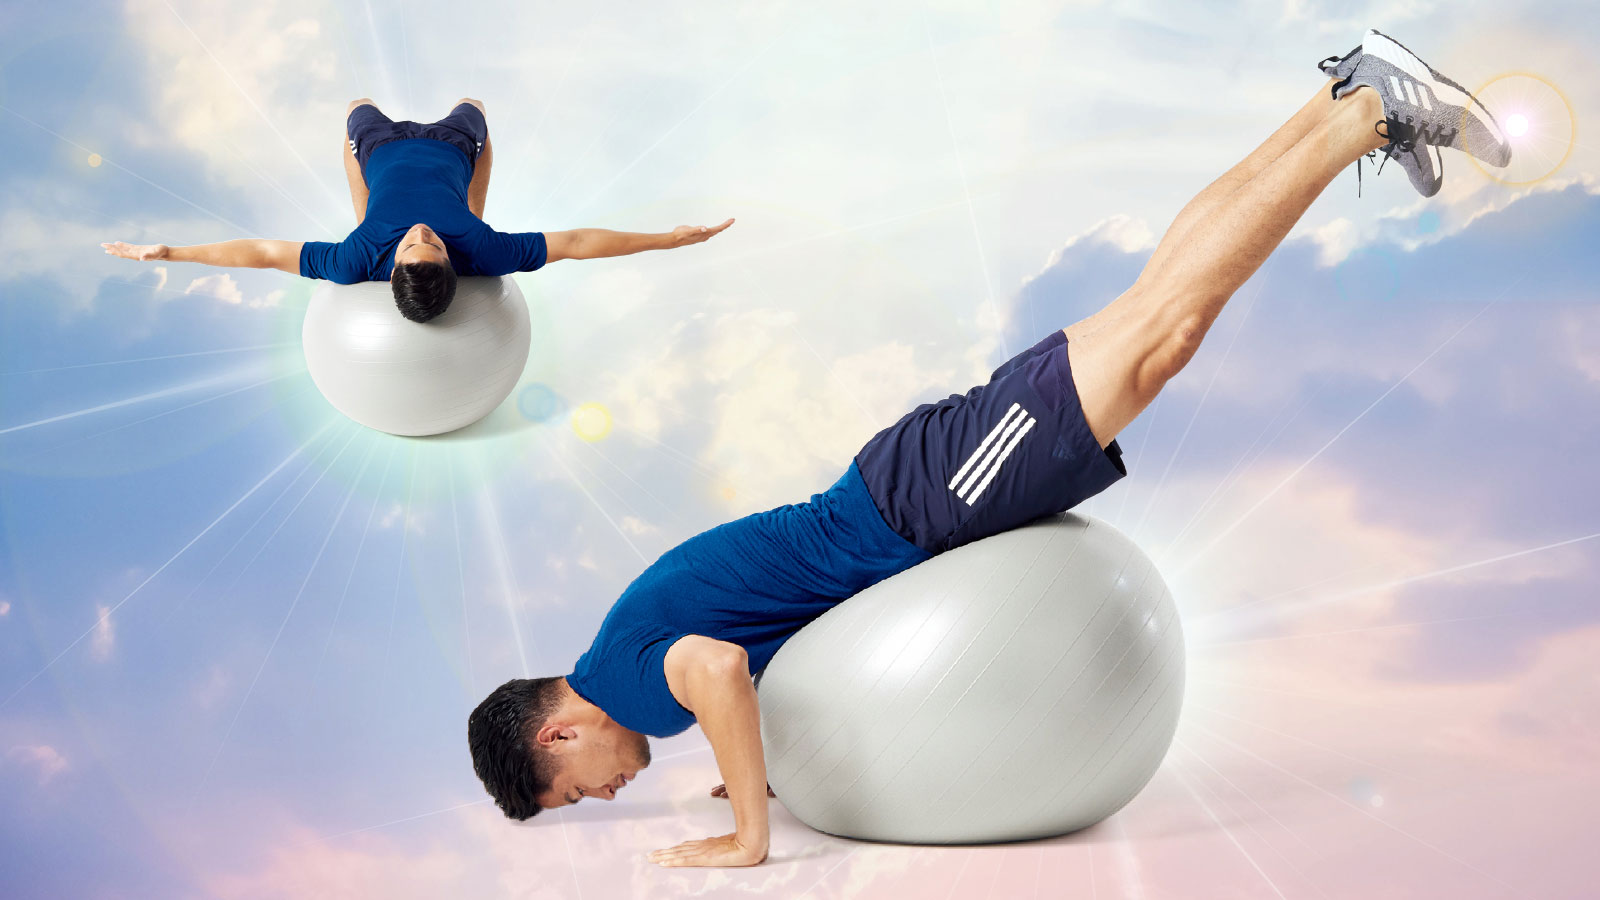 トレーニング バランス アスリート ボール